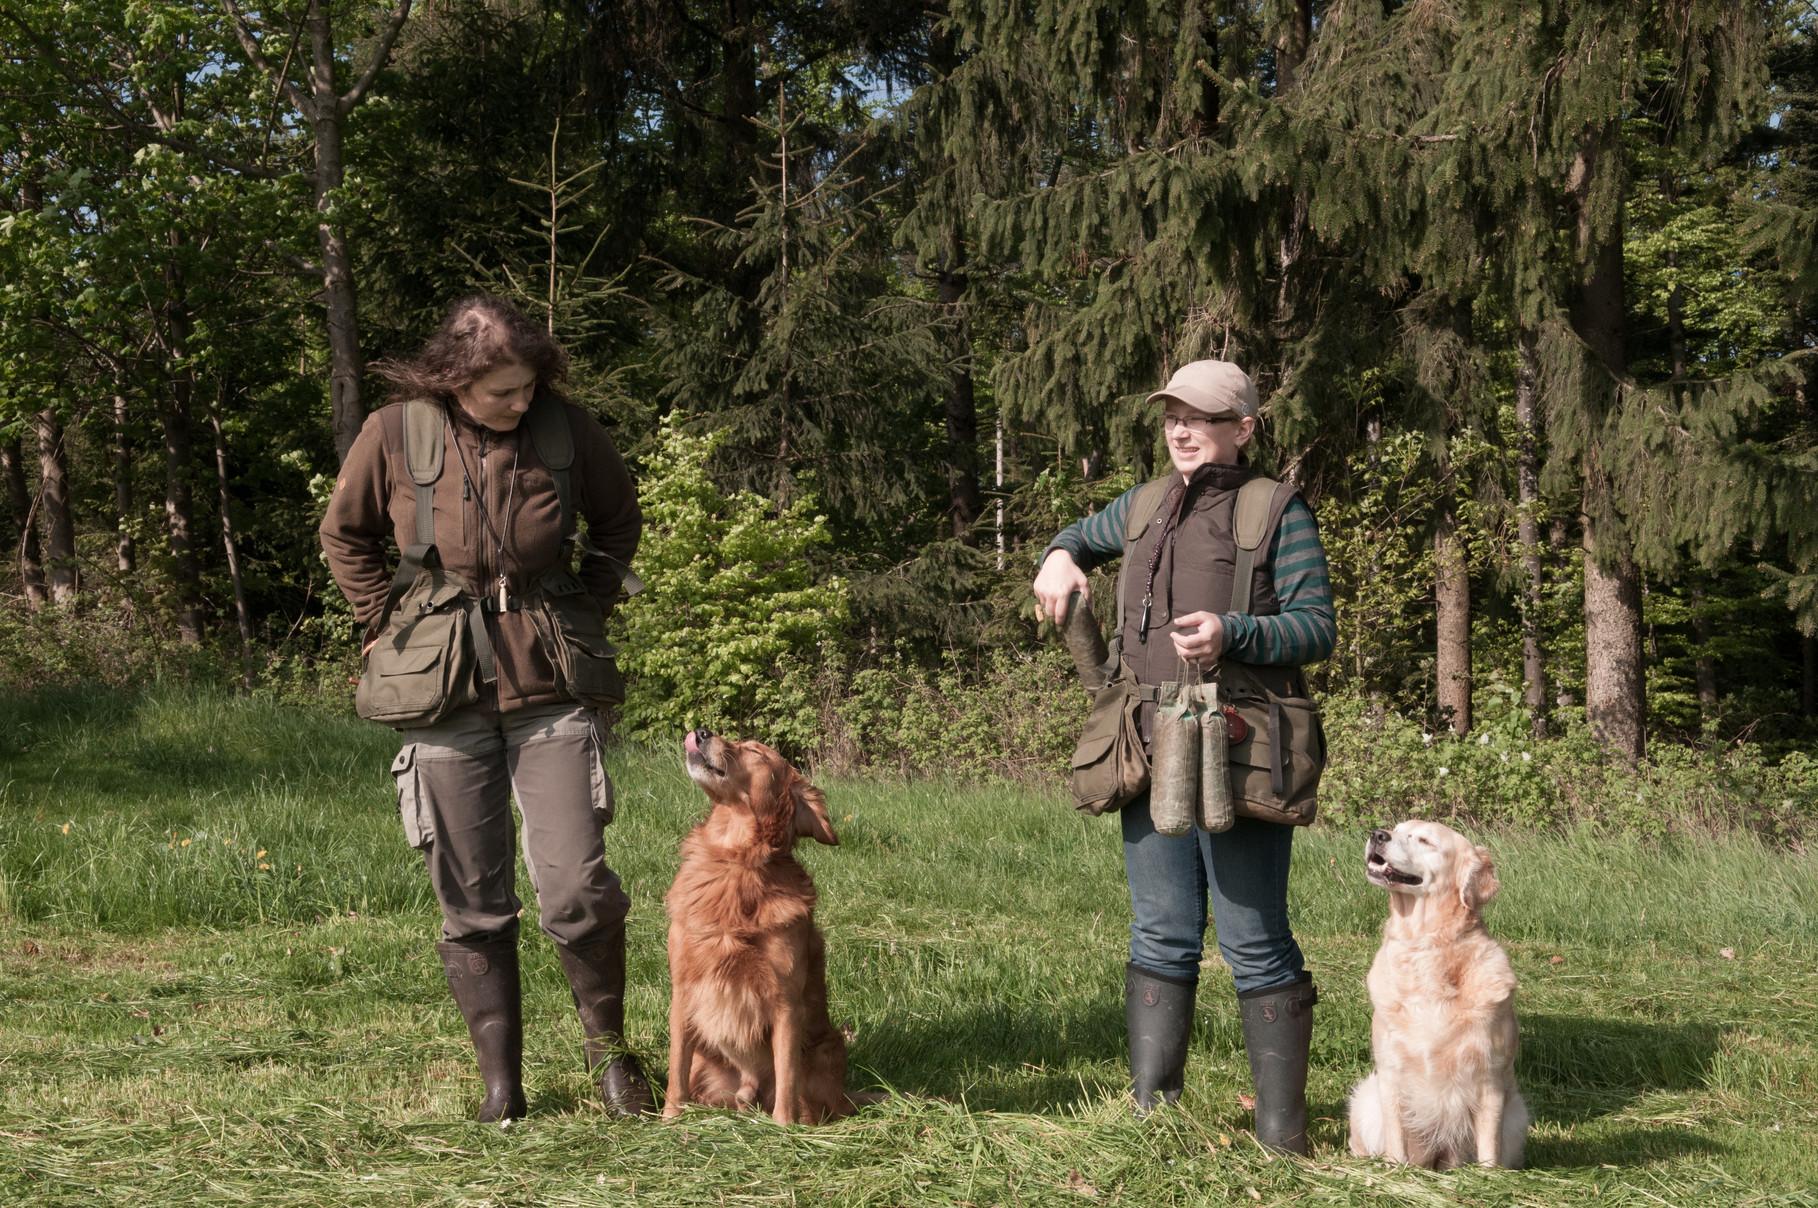 Sonja mit Bandit und Ich mit Elly